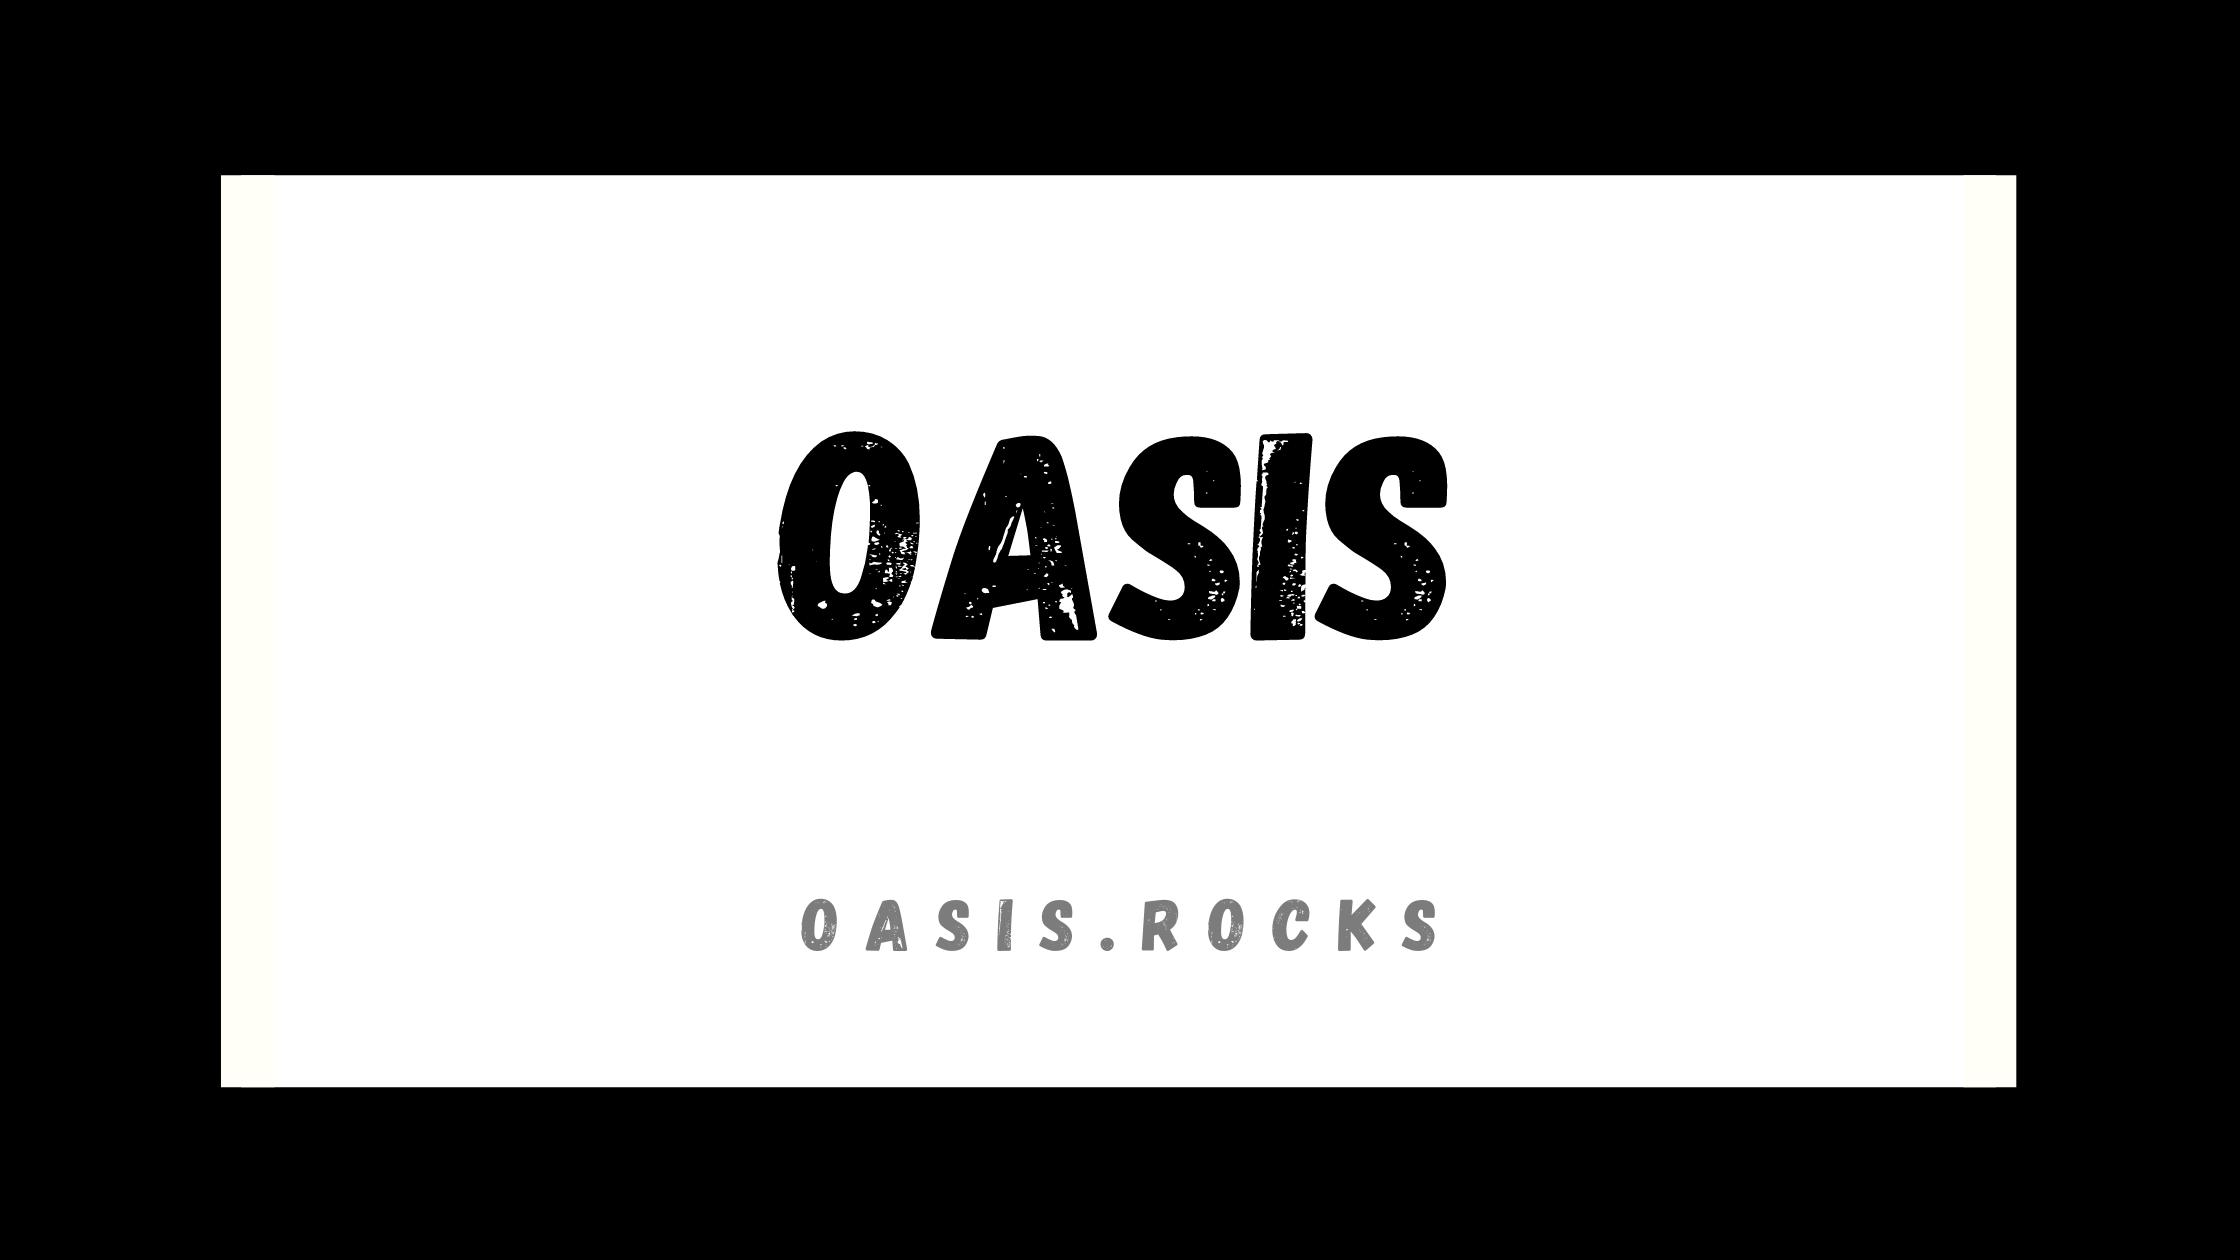 Oasis gehört zu den prägendsten Bands des Britpop und wurde maßgeblich von den Brüdern Liam und Noel Gallagher geprägt.